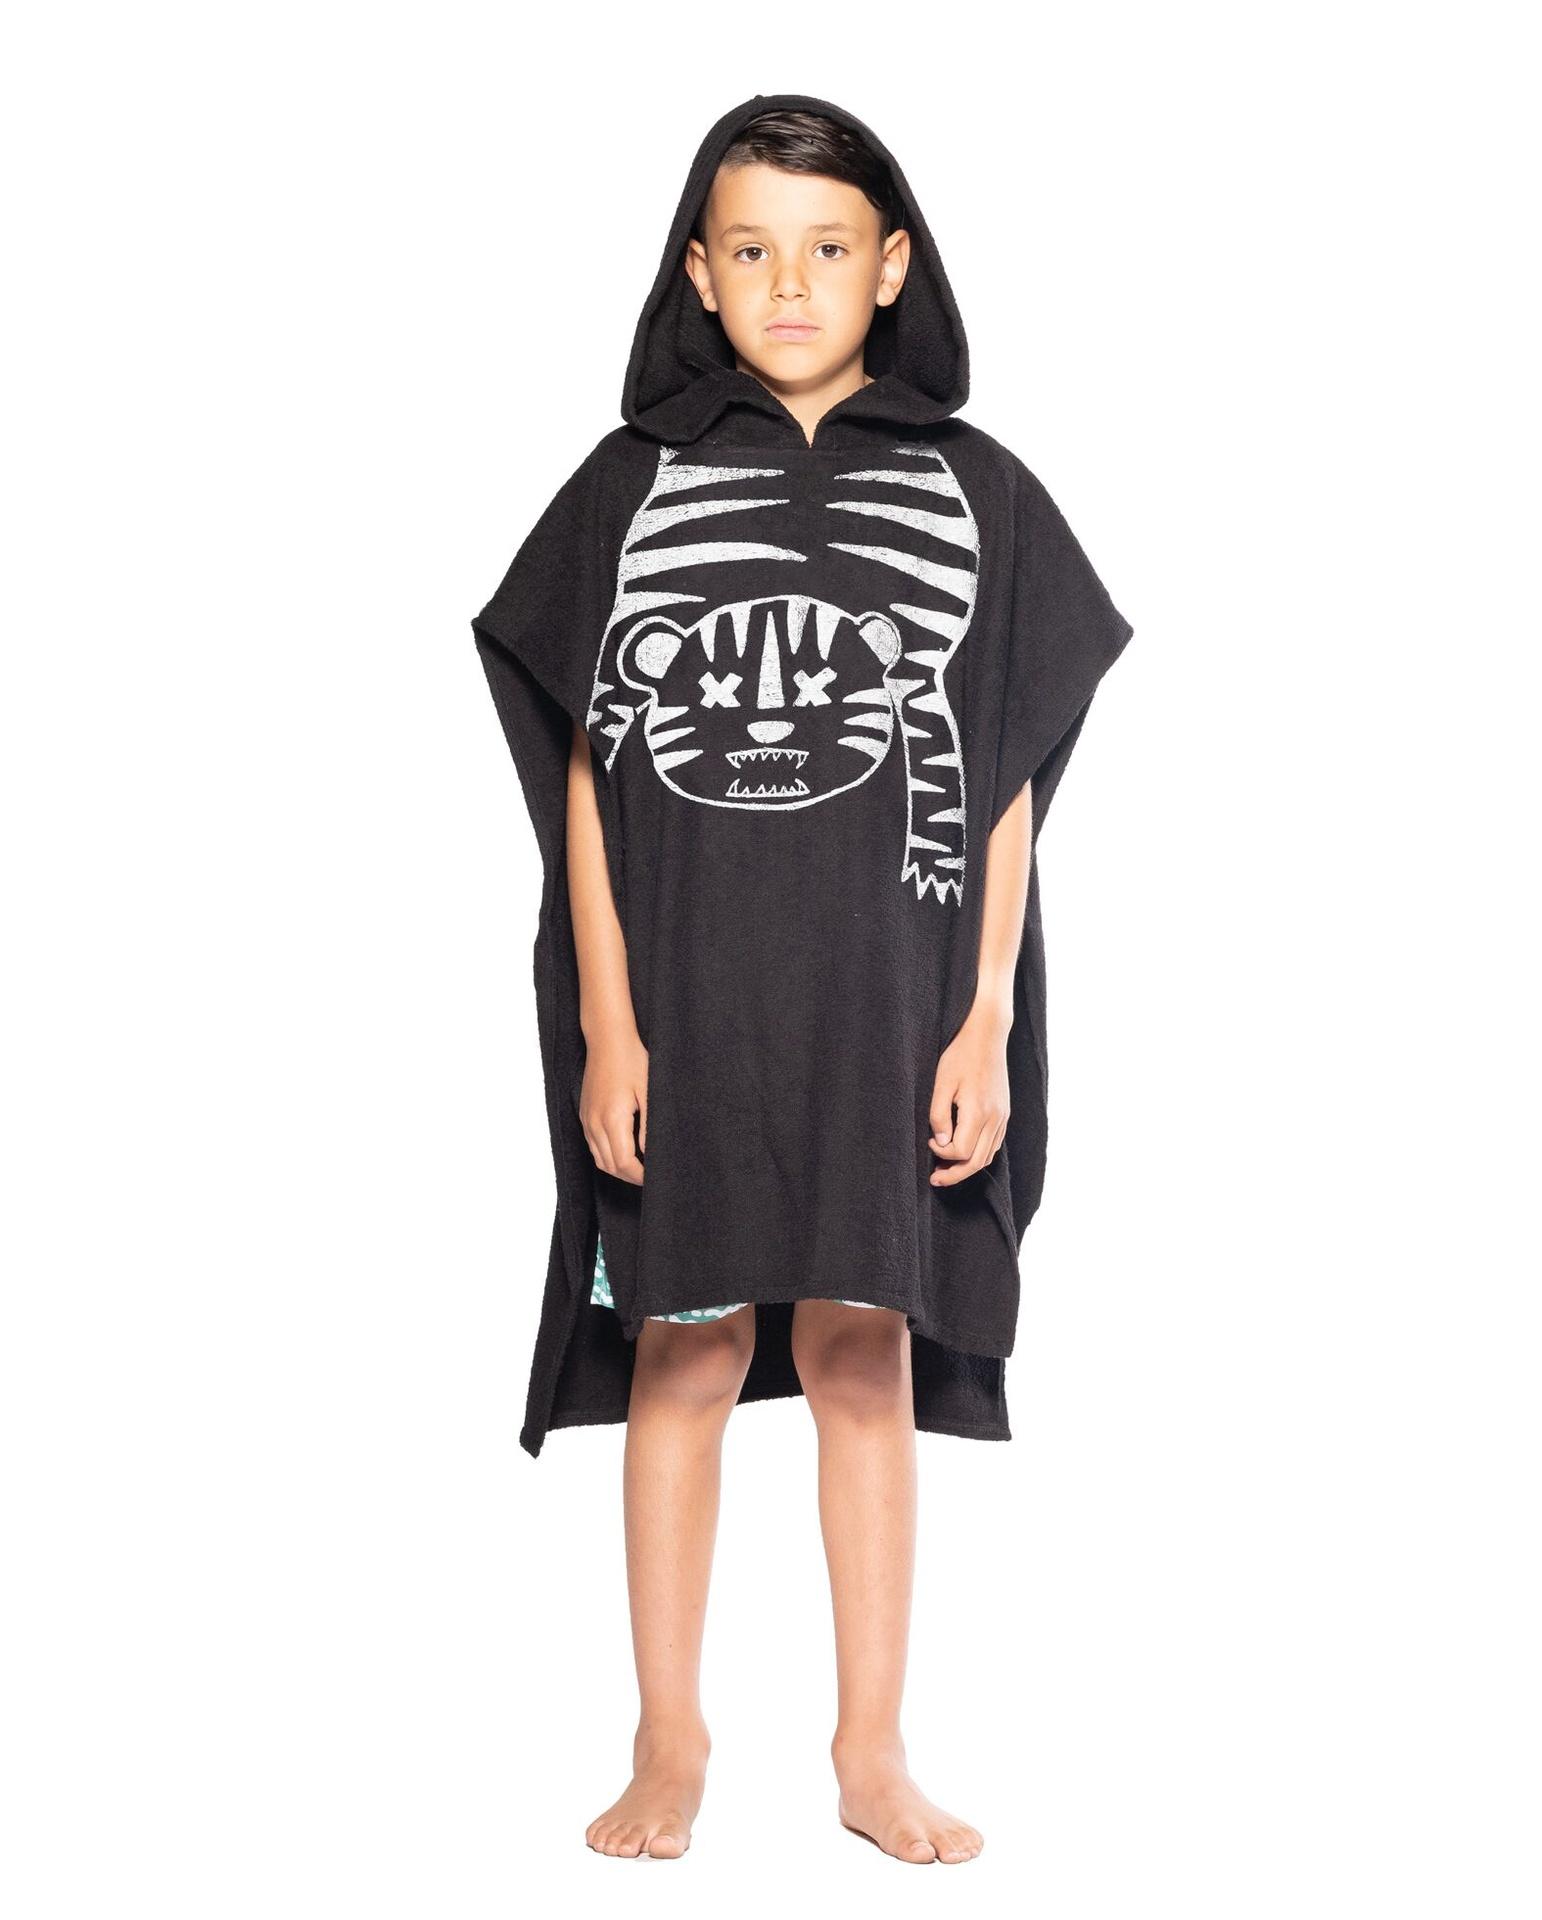 BOB Tiger Outline Hooded Towel Black